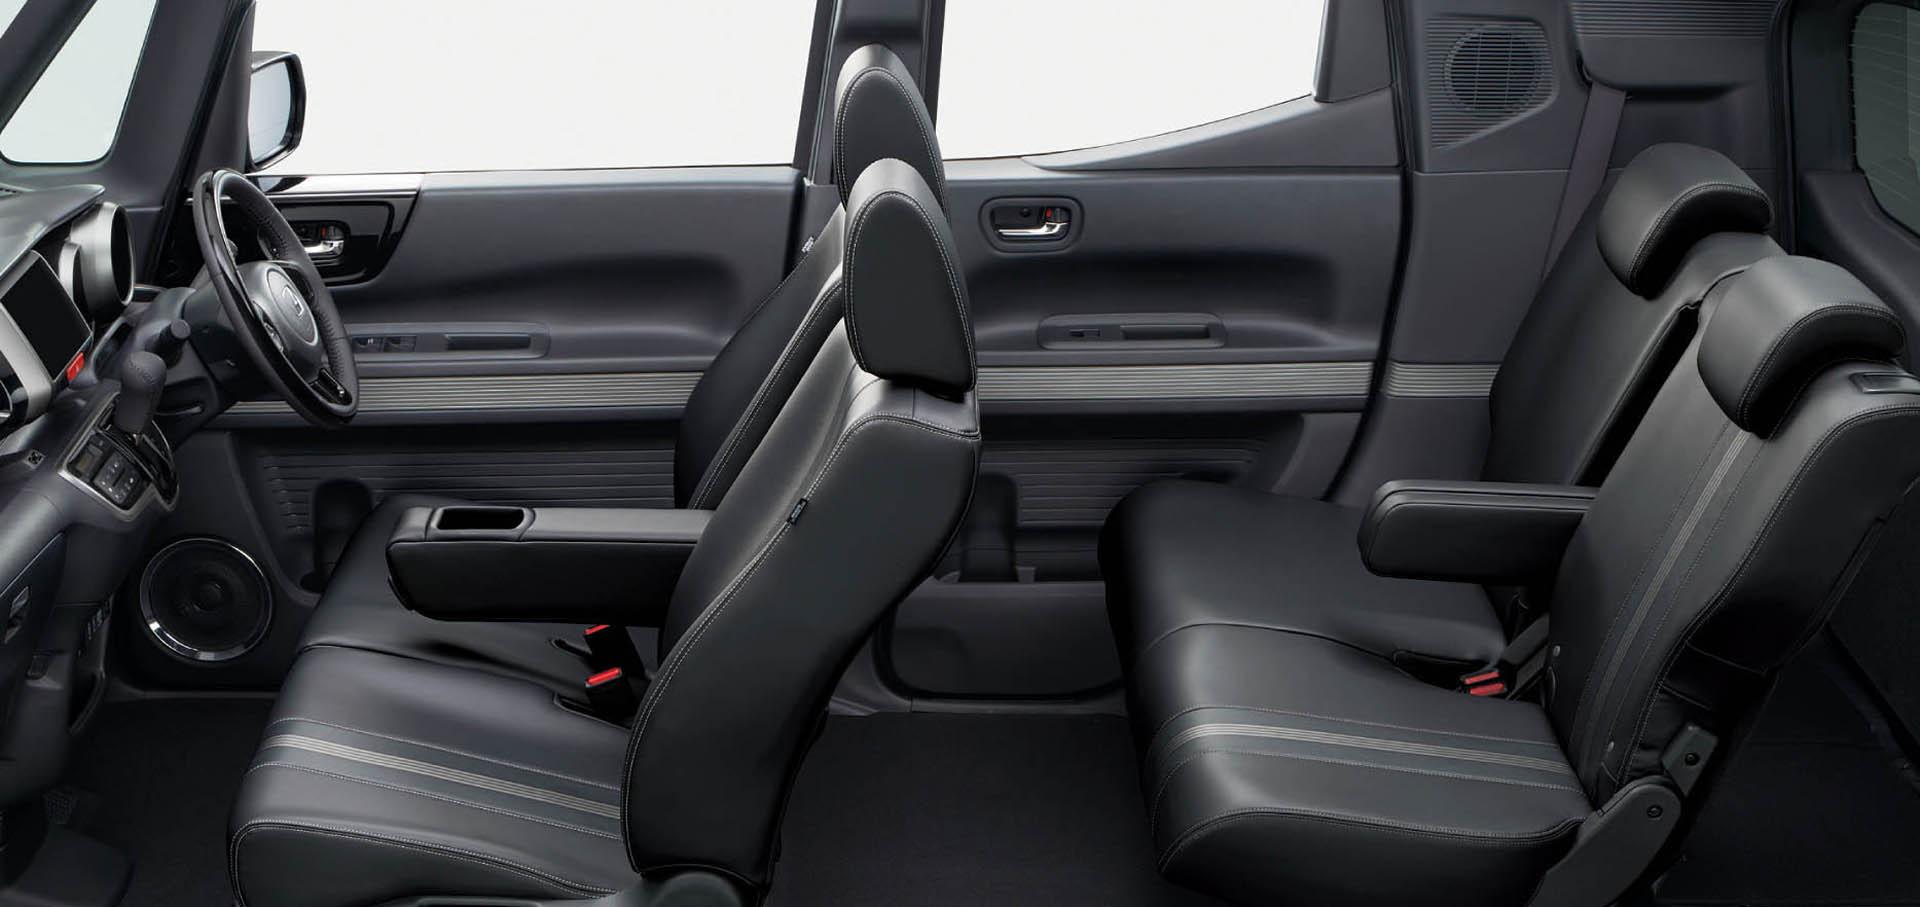 Honda N-Box Slash 2018 (13)